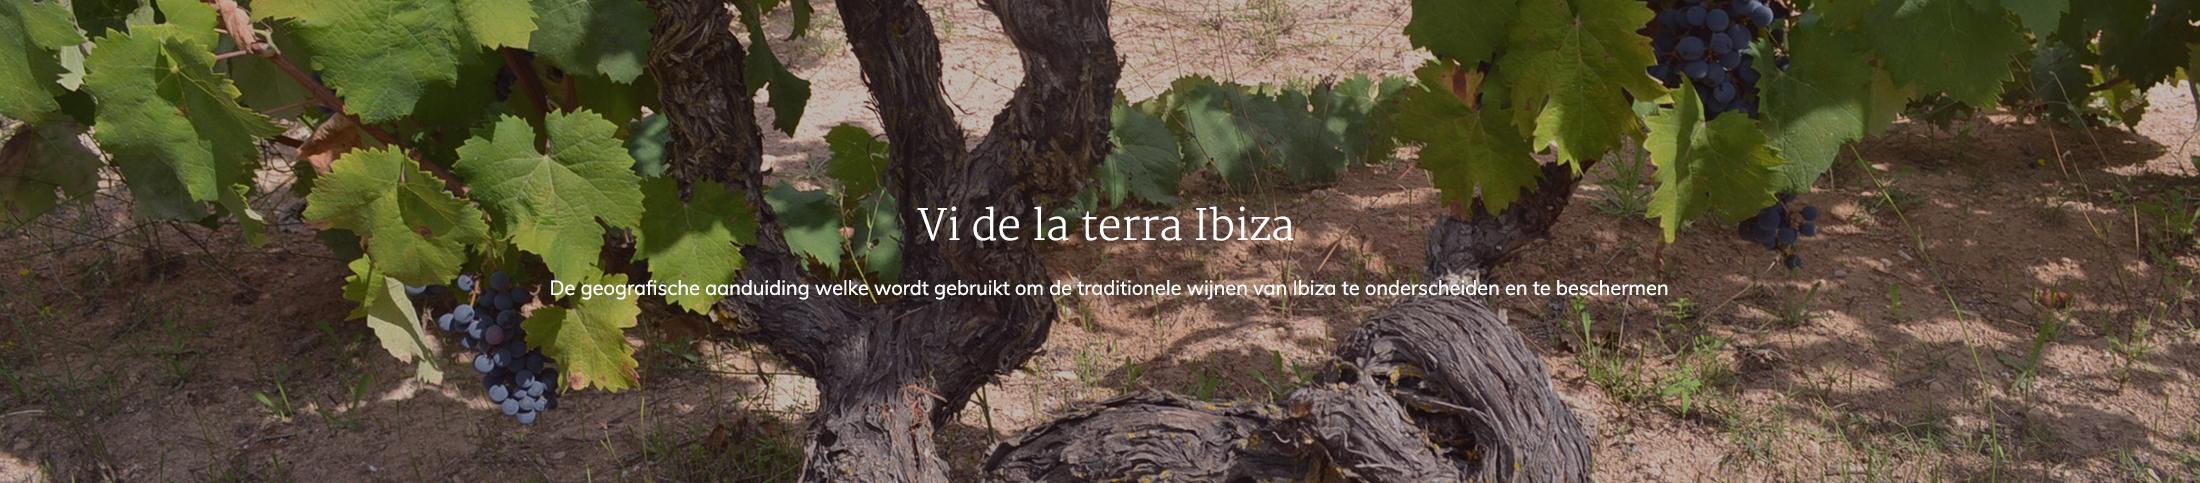 Vi de la terra Ibiza